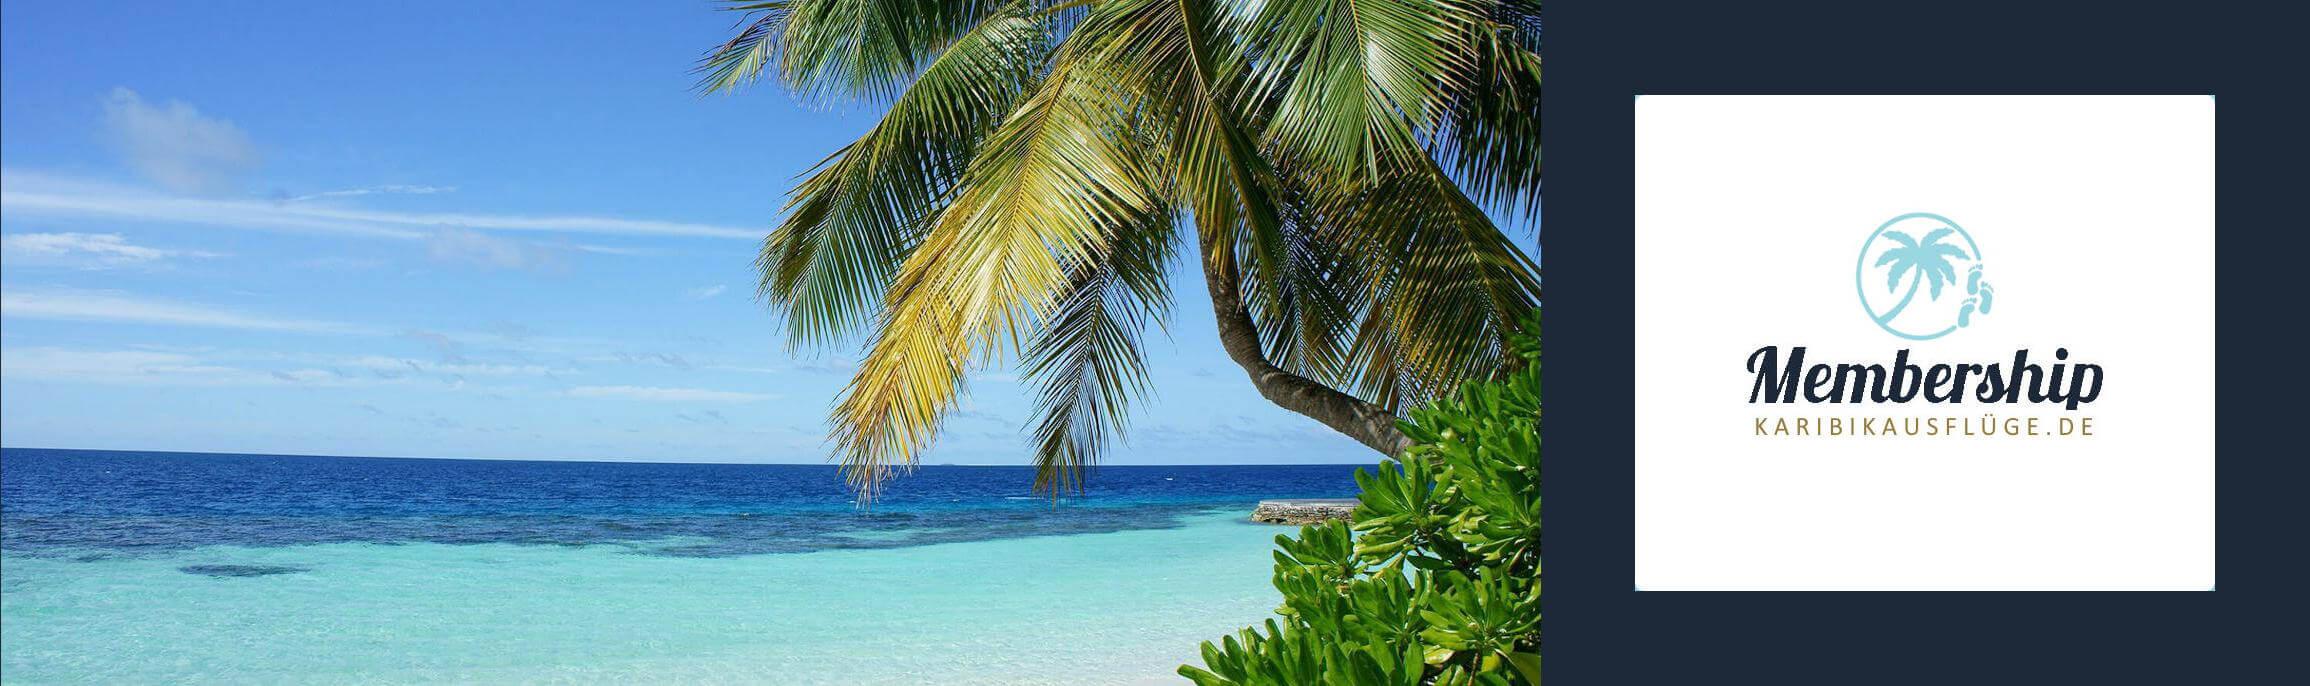 Karibik Pur, Entdecke Guadeloupe, Bleupearl ist Partner von Karibikausflüge.de